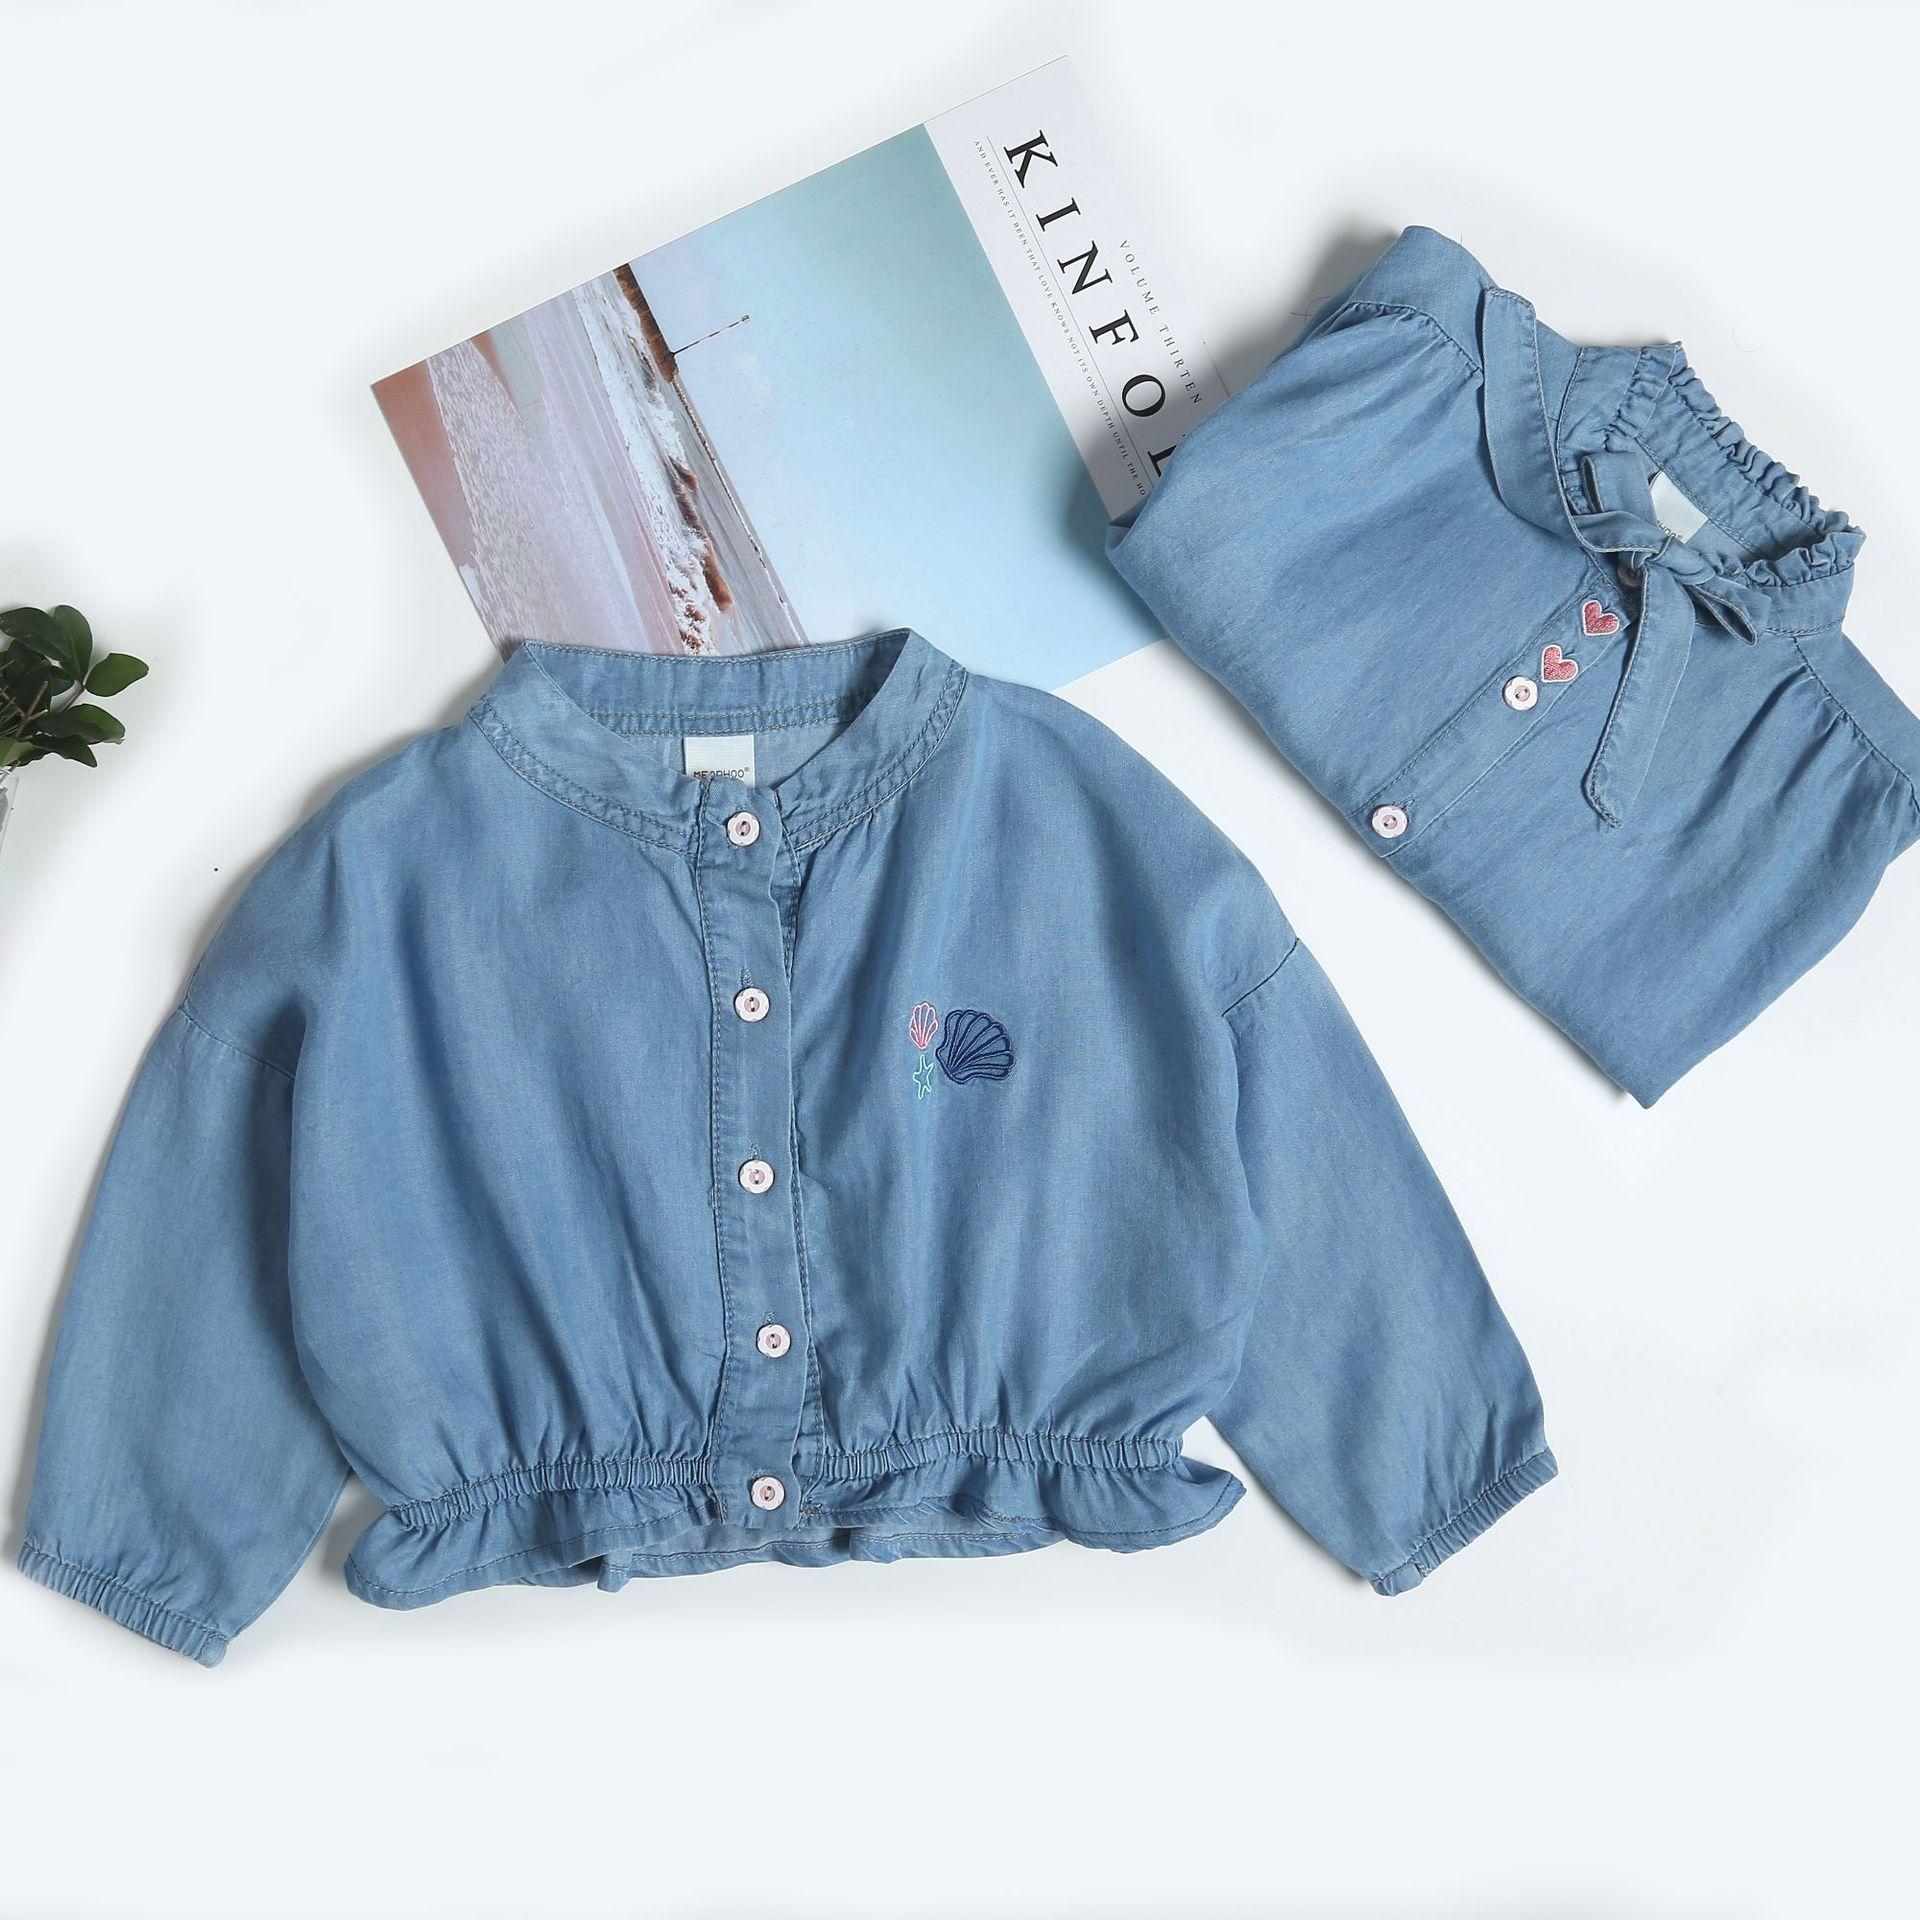 Trang phục Jean trẻ em Mùa xuân 2019 trẻ em mới trẻ em áo len denim cô gái thêu tình yêu áo khoác de